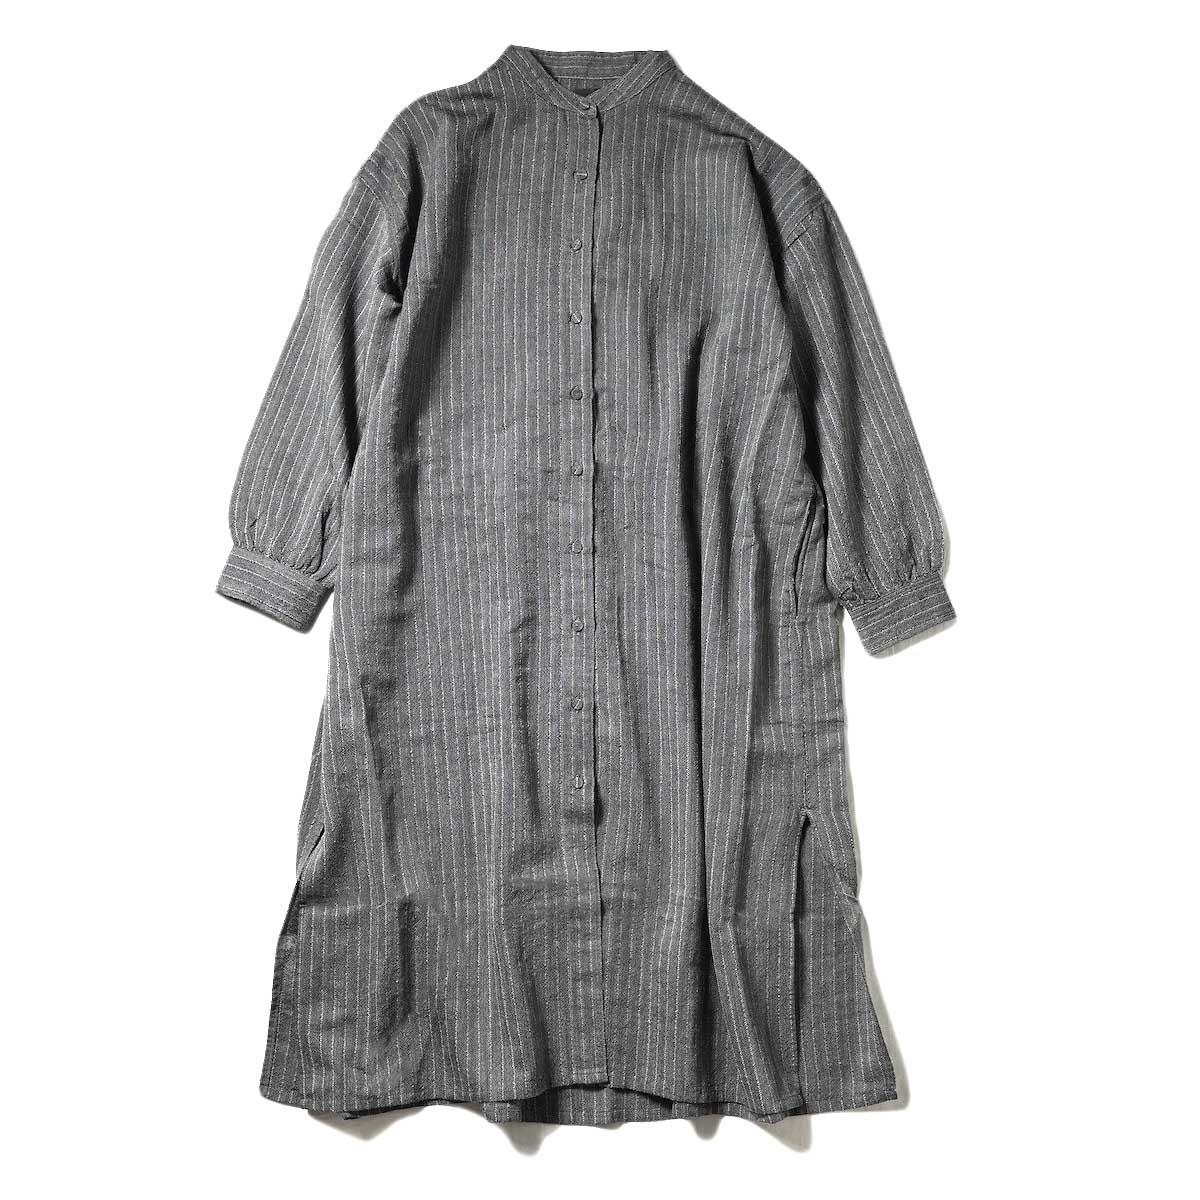 maison de soil / BANDED COLLAR BACK PLEATS MAXI SHIRT (Black / Antique White Stripe)